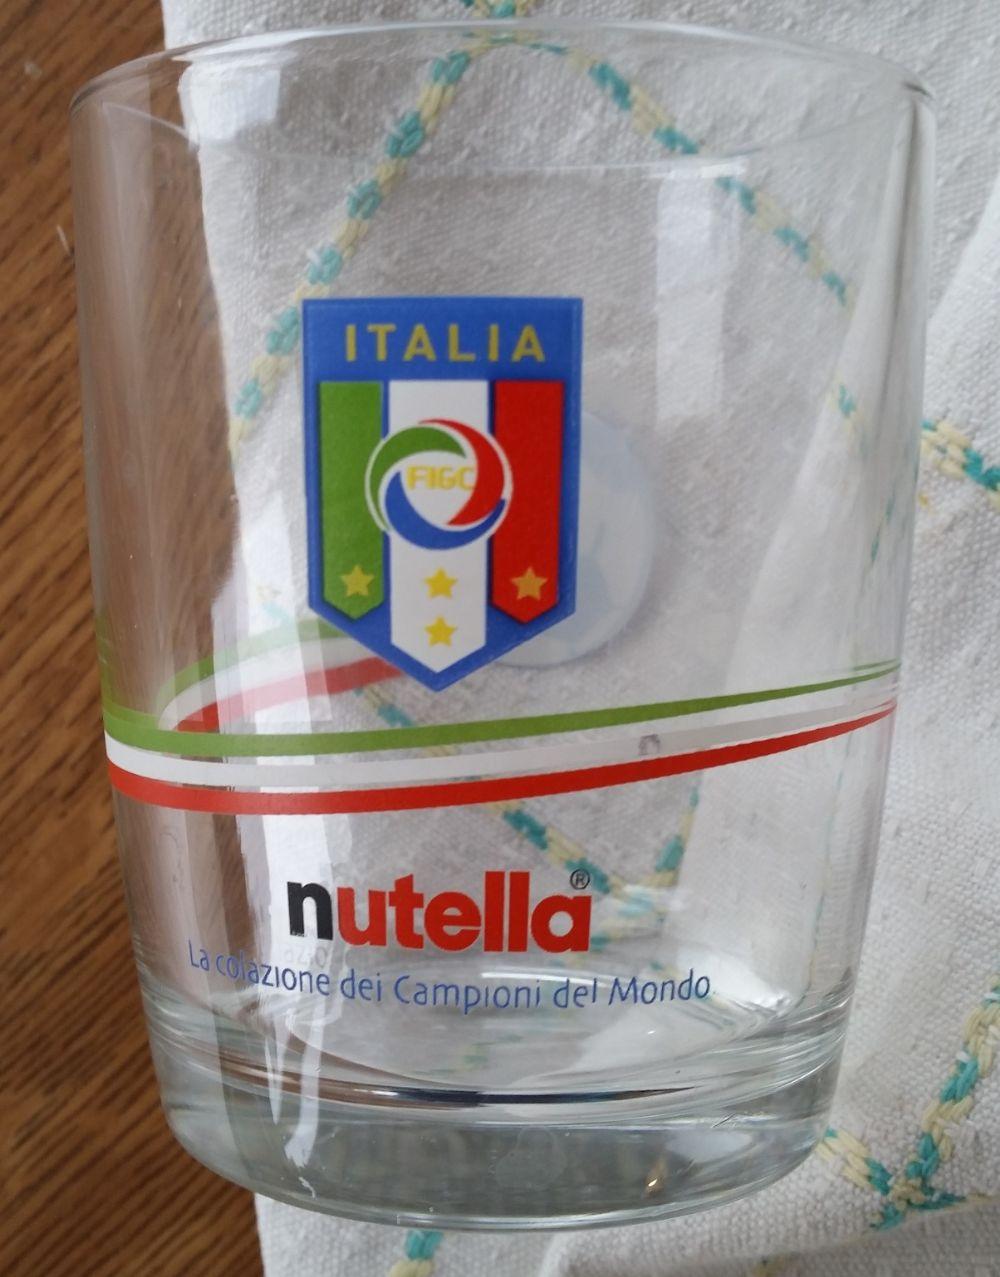 a2269967b2 Bicchieri Nutella collezioni 3. scambiato. Categoria: Collezionismo e  antiquariato / Collezionismo